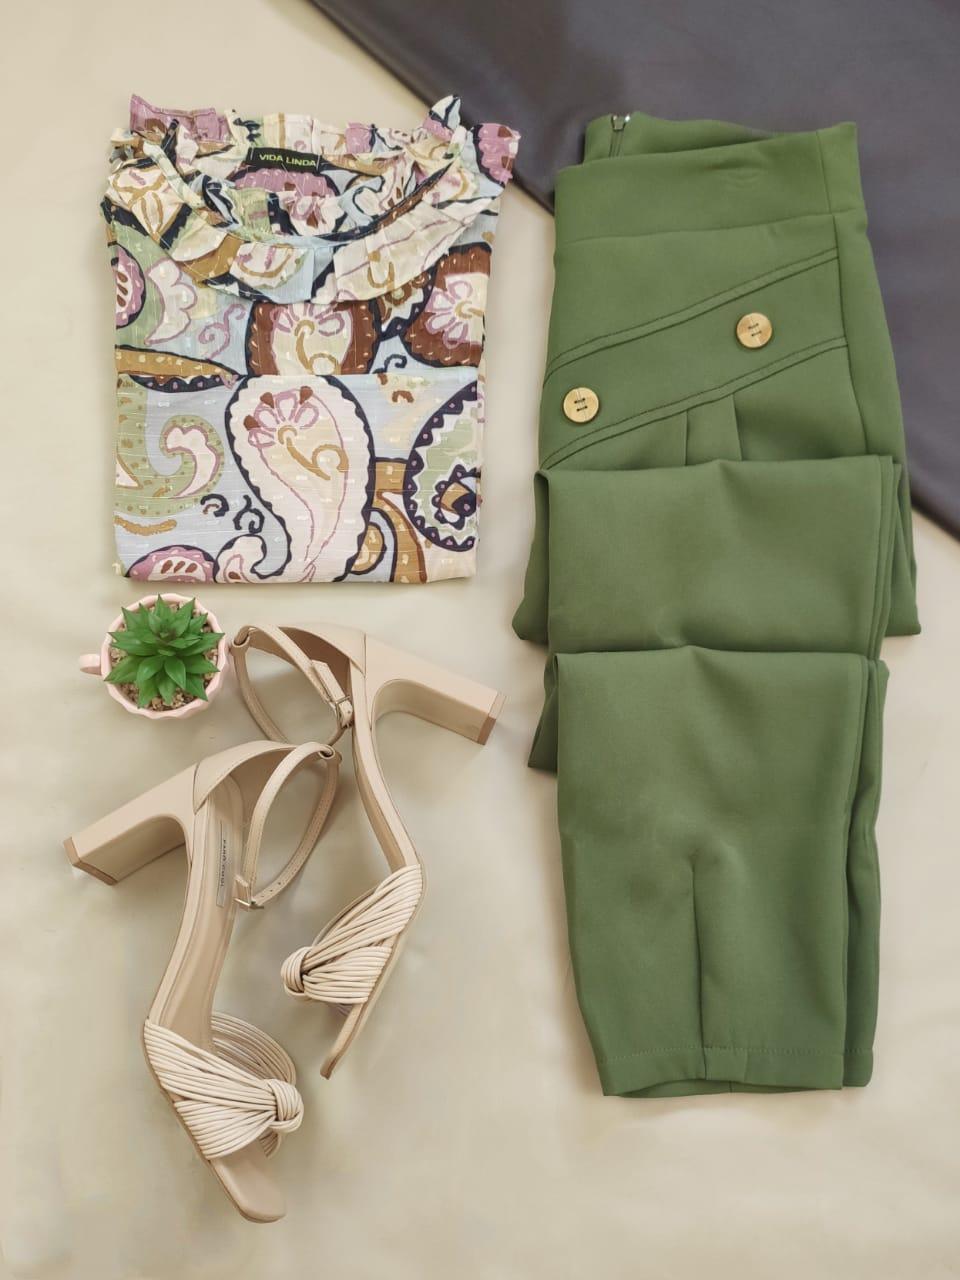 Blusa Regata Babados Gola Estampada Rosa + Calça Skinny Botões Frontais Verde